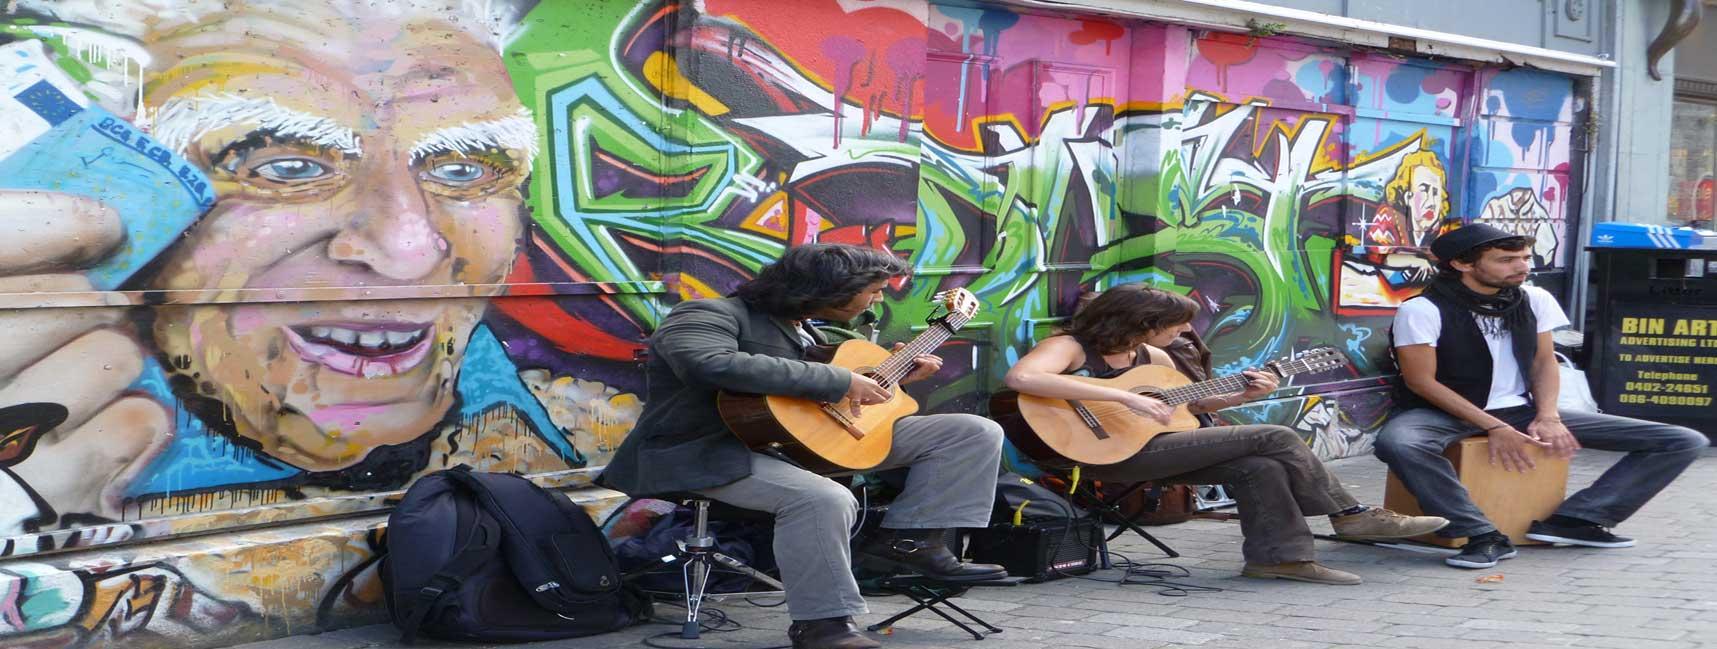 Fachiri Indiani - Nuovi Artisti di Strada a Roma